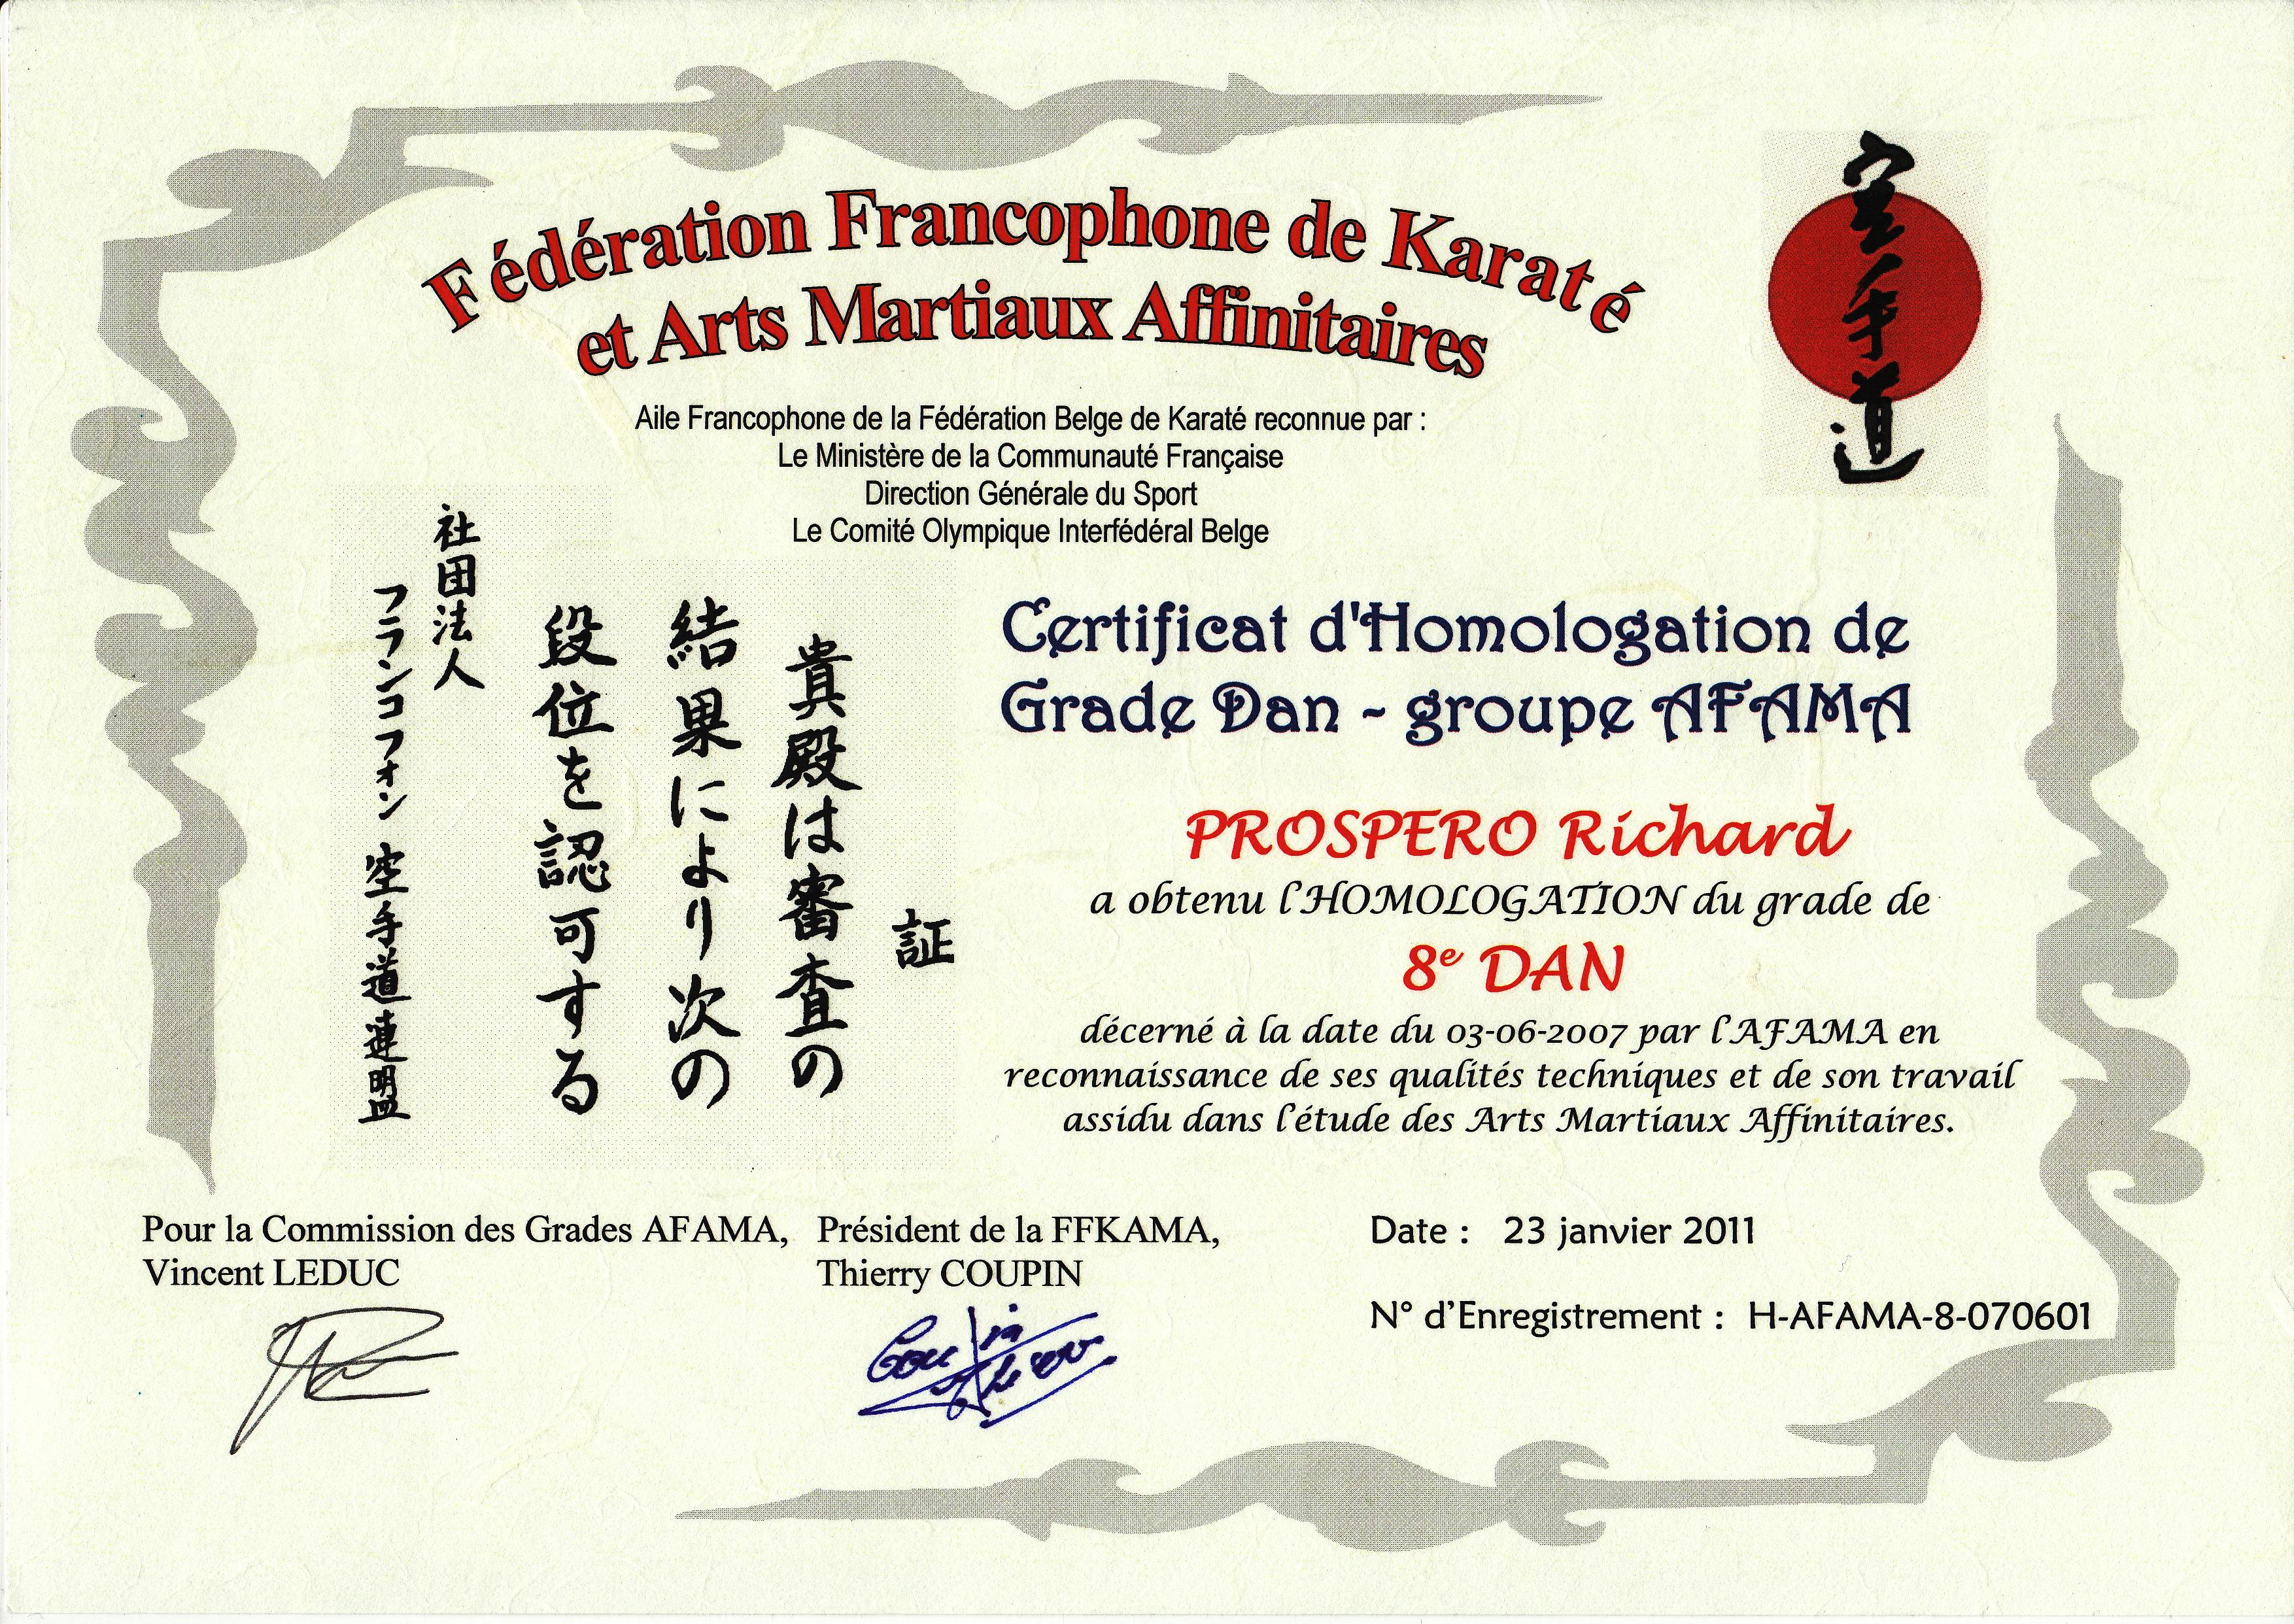 Grades association francophone d 39 arts martiaux affinitaires for Arts martiaux pdf